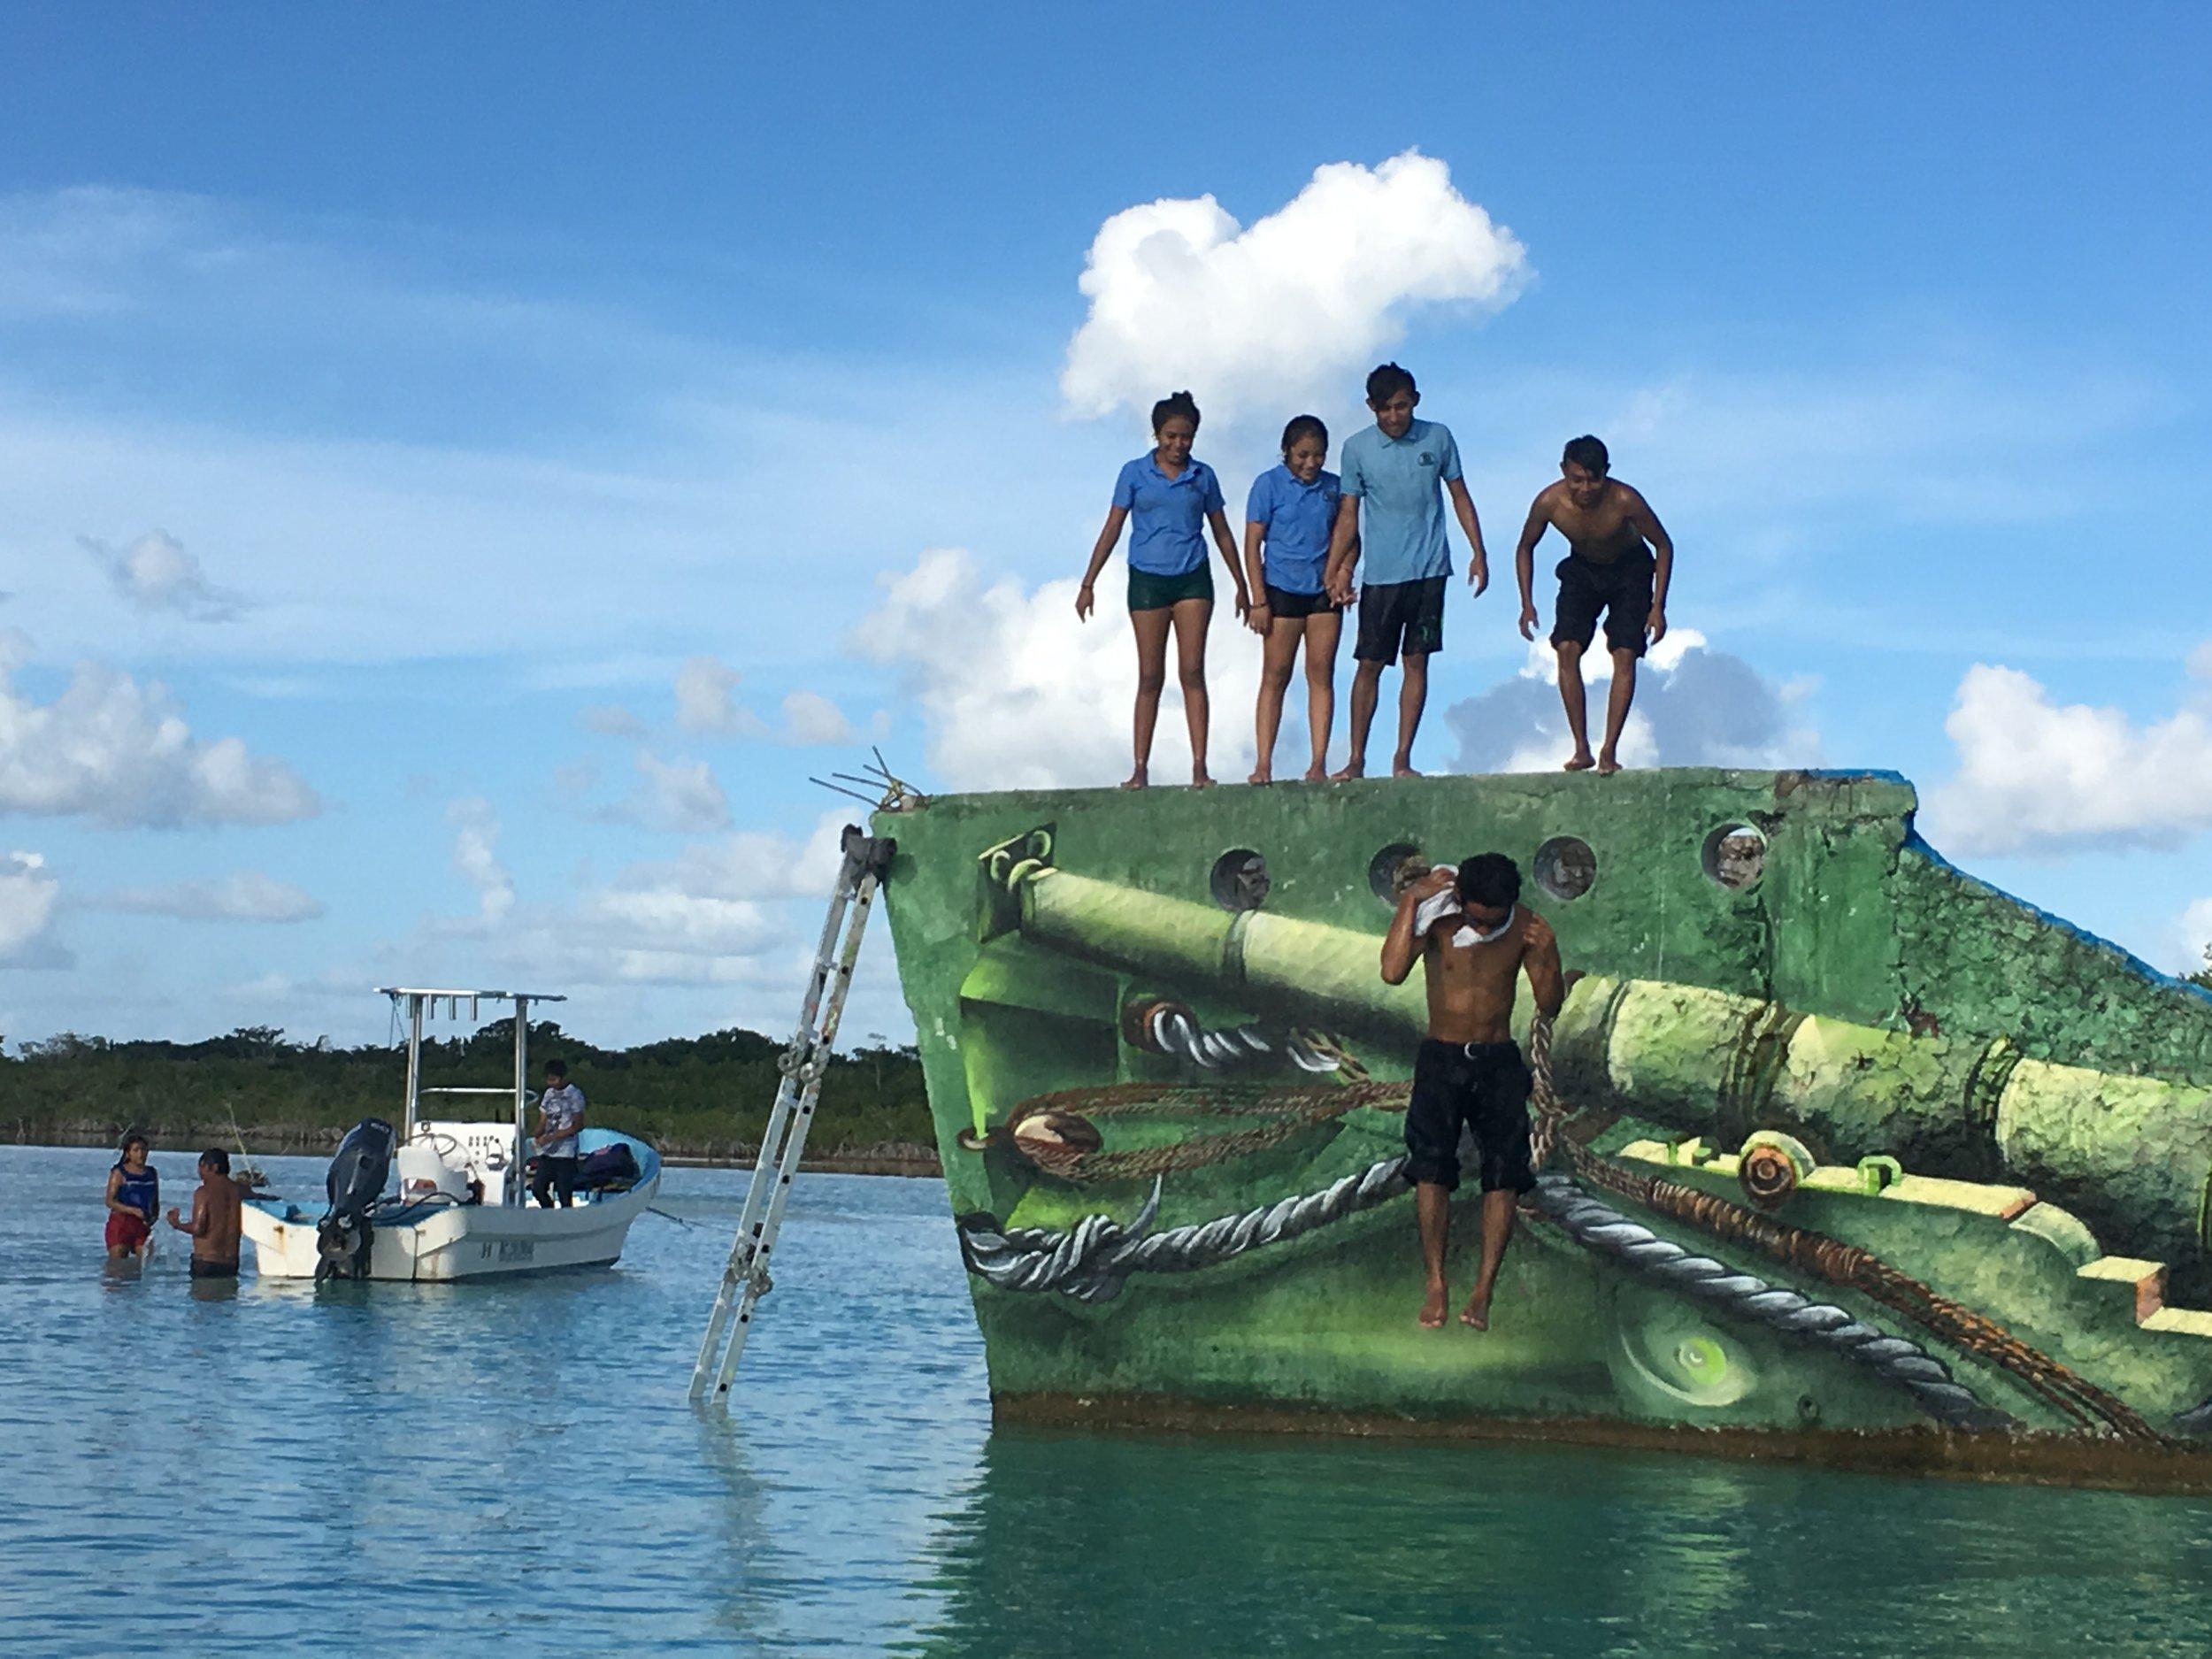 Hammocks_and_Ruins_What_to_Do_Yucatan_Mexico_pyramids_lakes_Maya_36.JPG